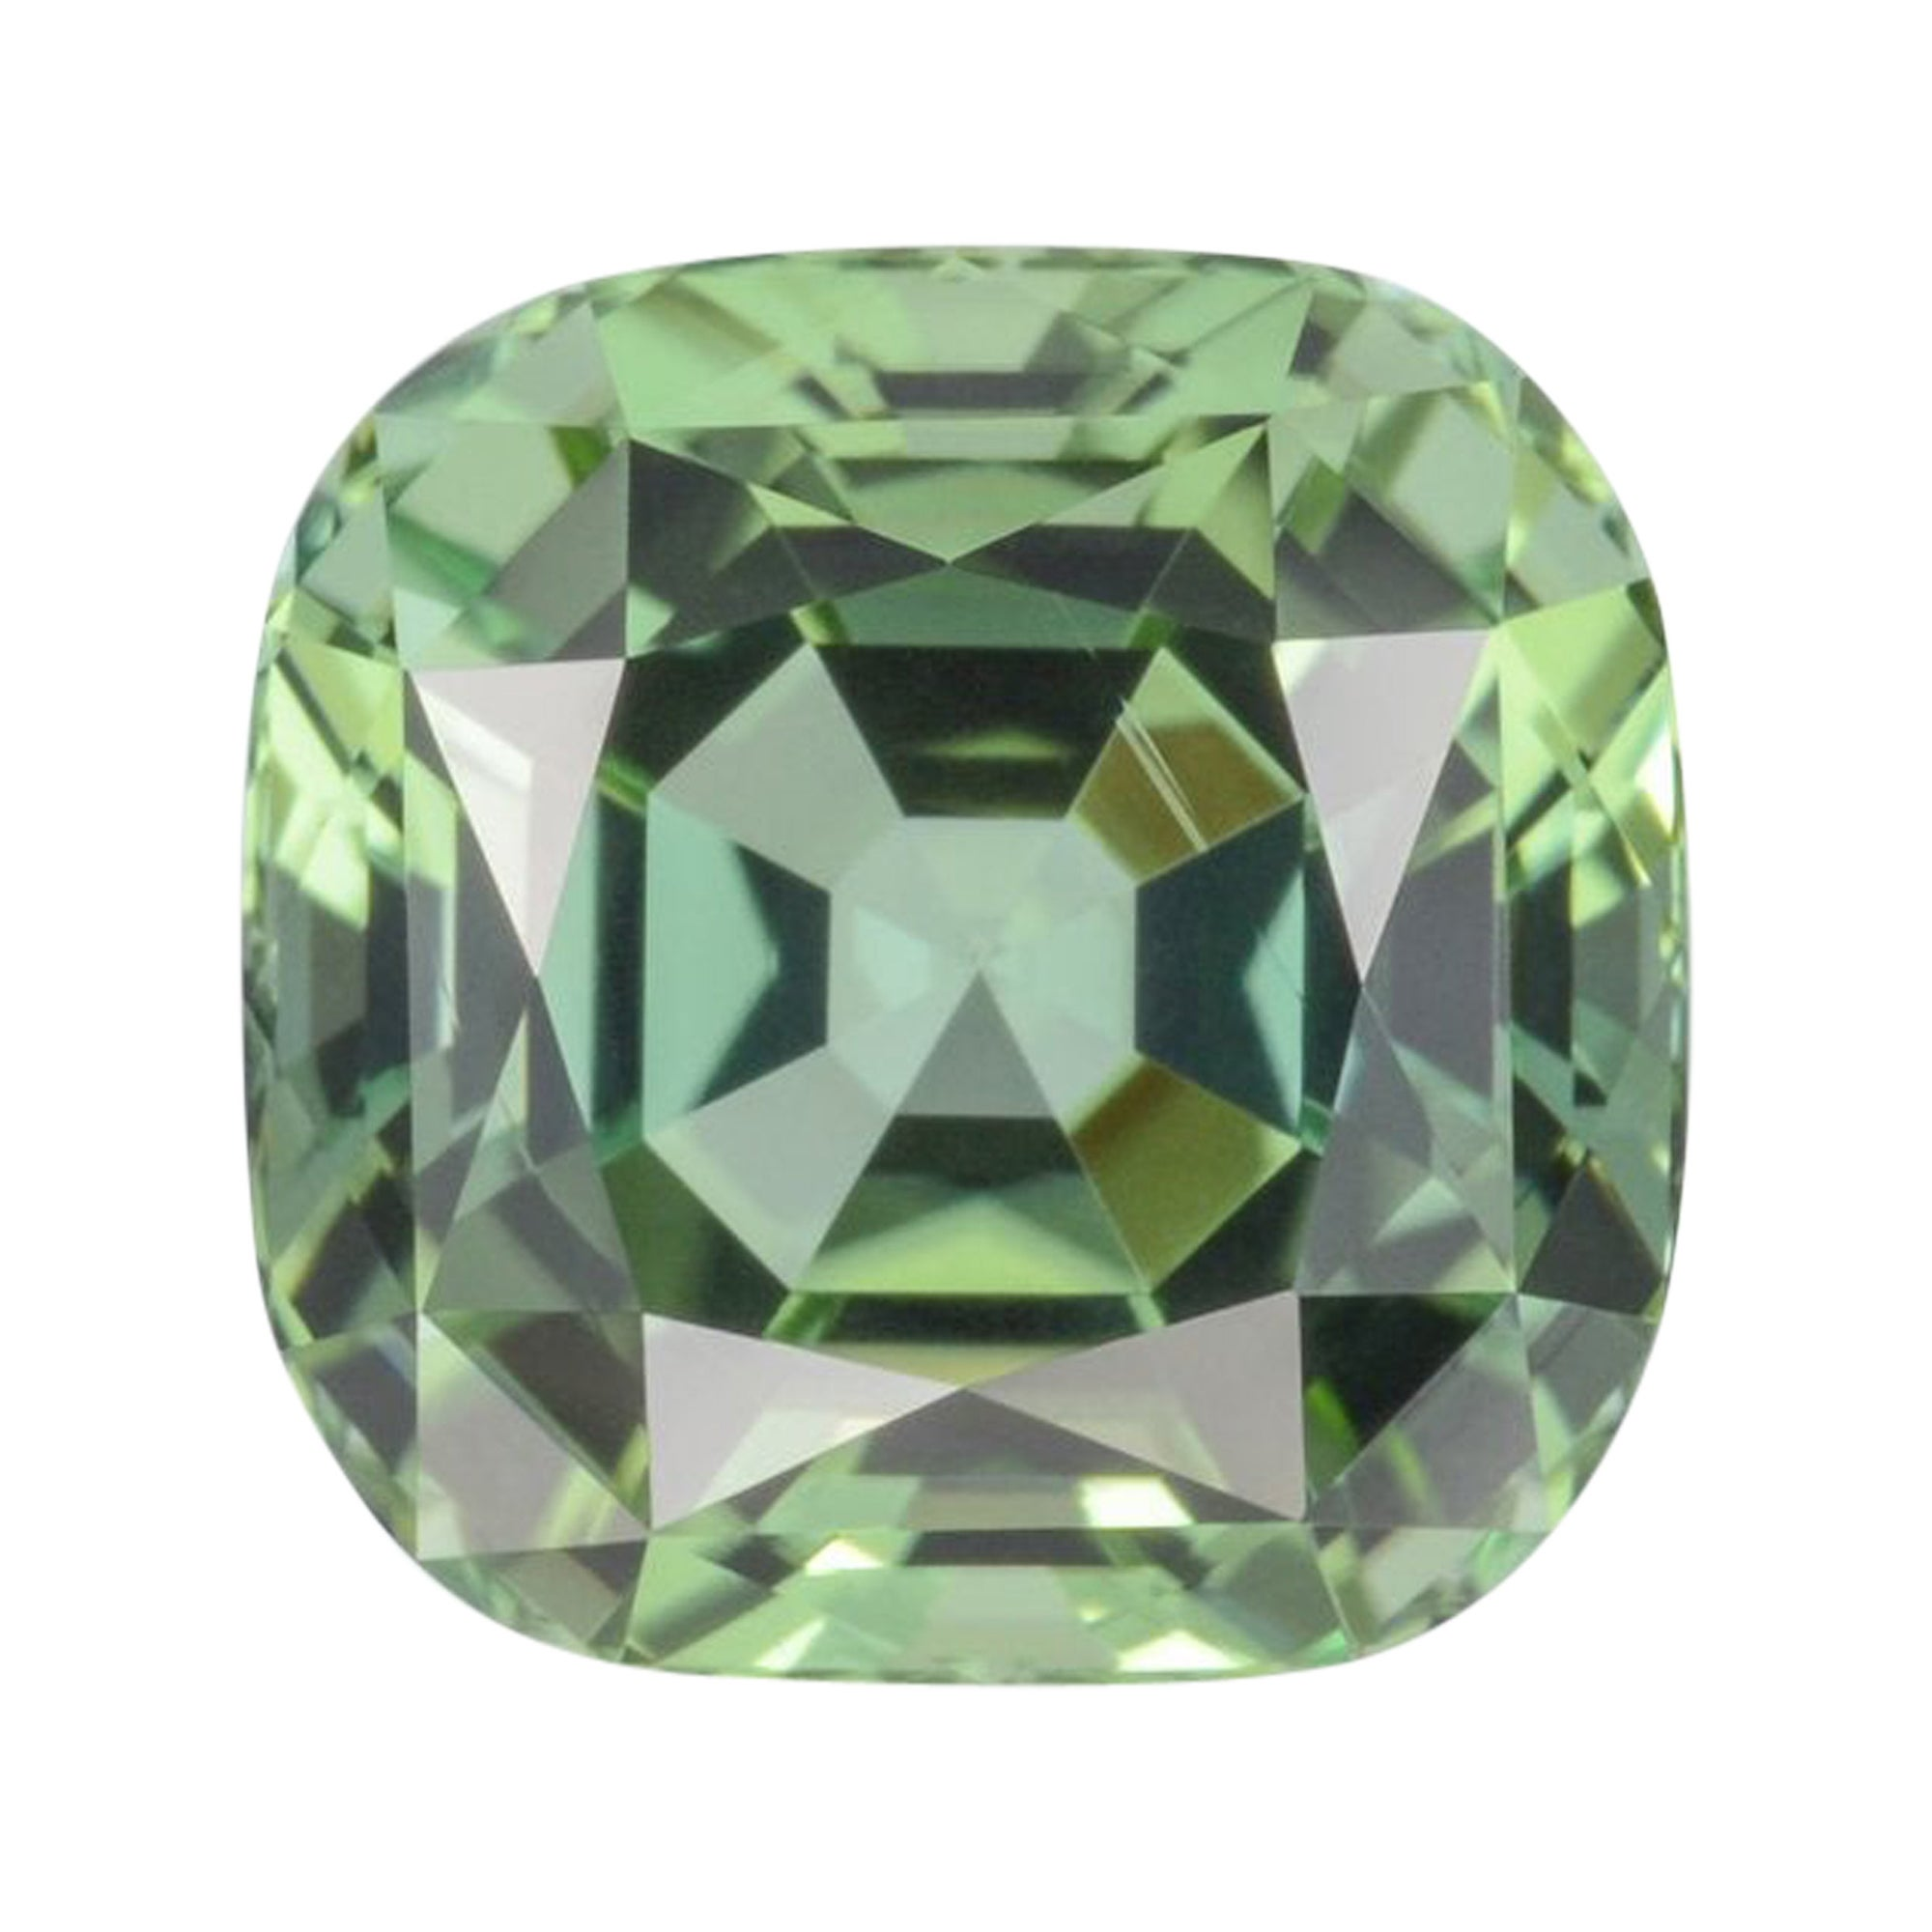 Green Tourmaline Ring Gem 5.27 Carat Loose Gemstone